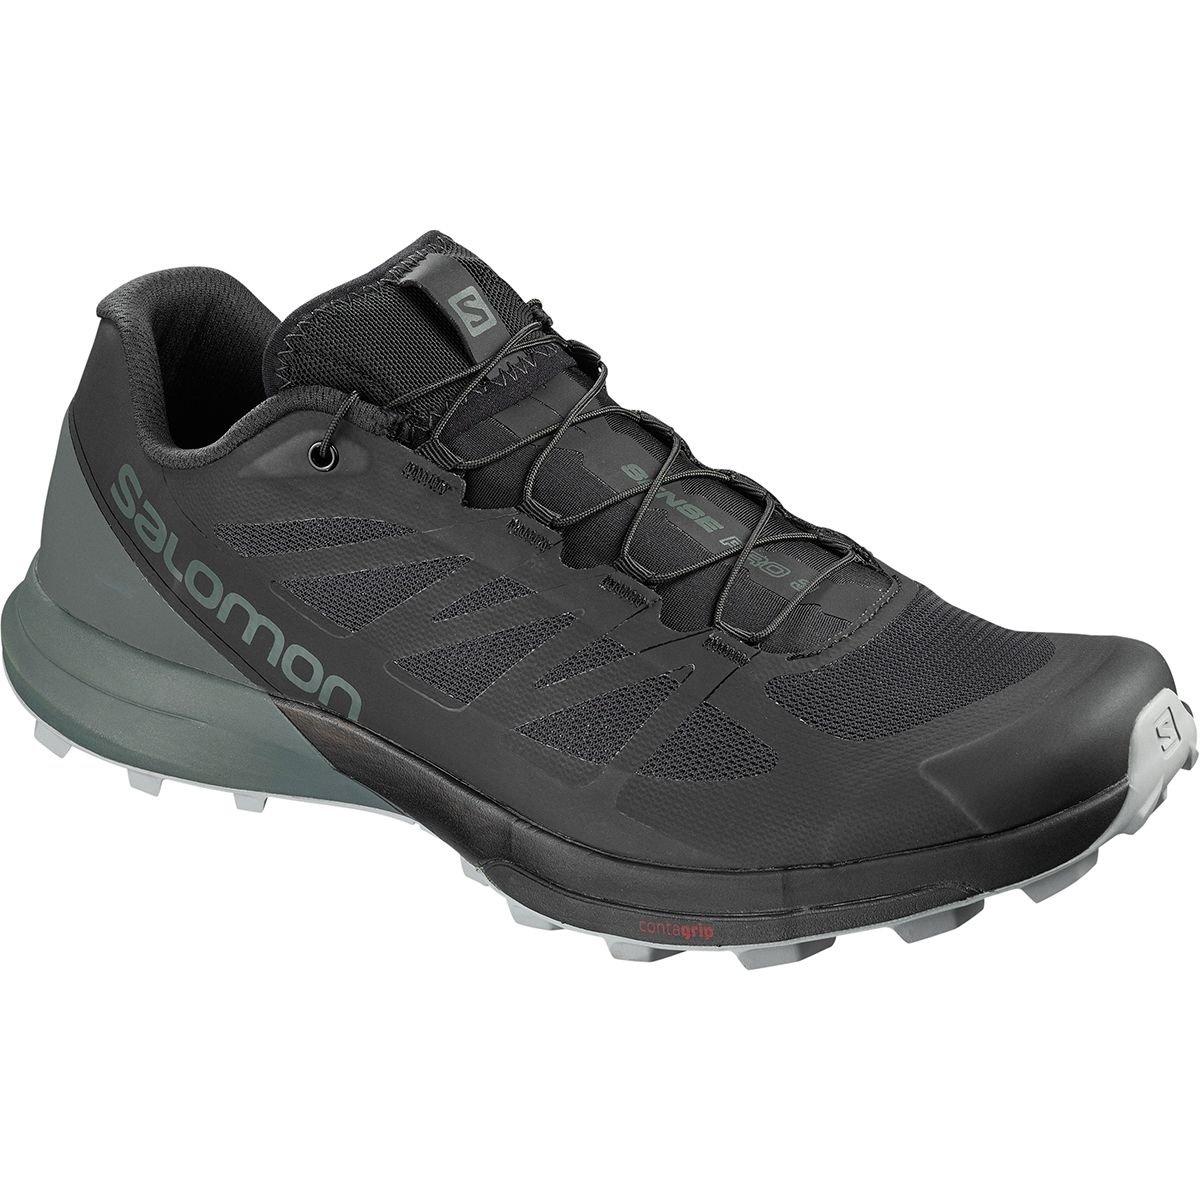 2019人気新作 [サロモン] US-11.5/UK-11.0 メンズ ランニング B07G3XDFYD Sense Pro 3 Trail Running Shoe Shoe [並行輸入品] B07G3XDFYD US-11.5/UK-11.0, ディアサーナ雑貨インテリアライフ:609d4820 --- ipgi.de